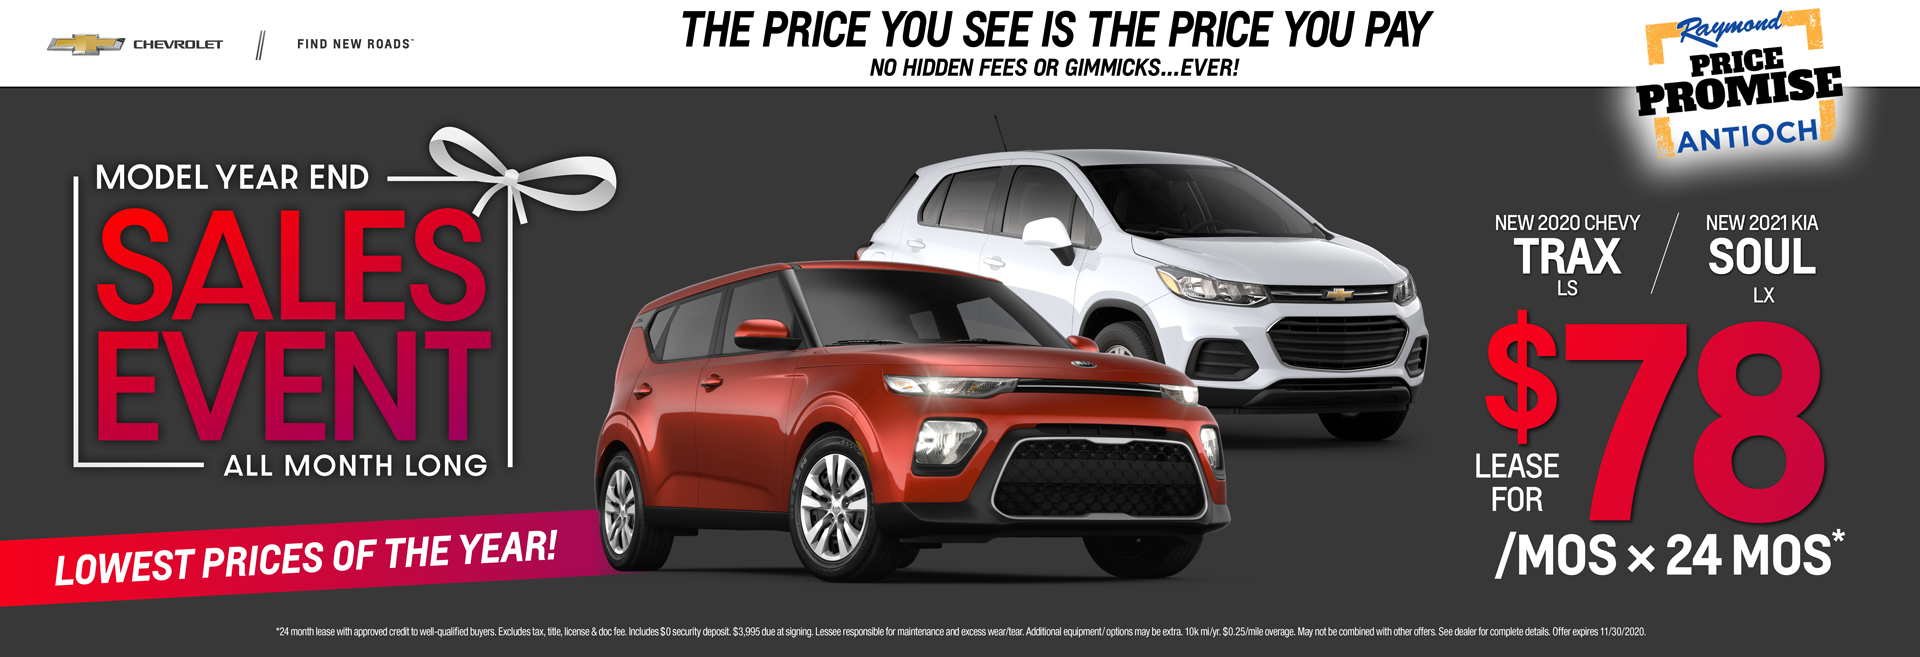 Raymond Deals - November Chevrolet Offer